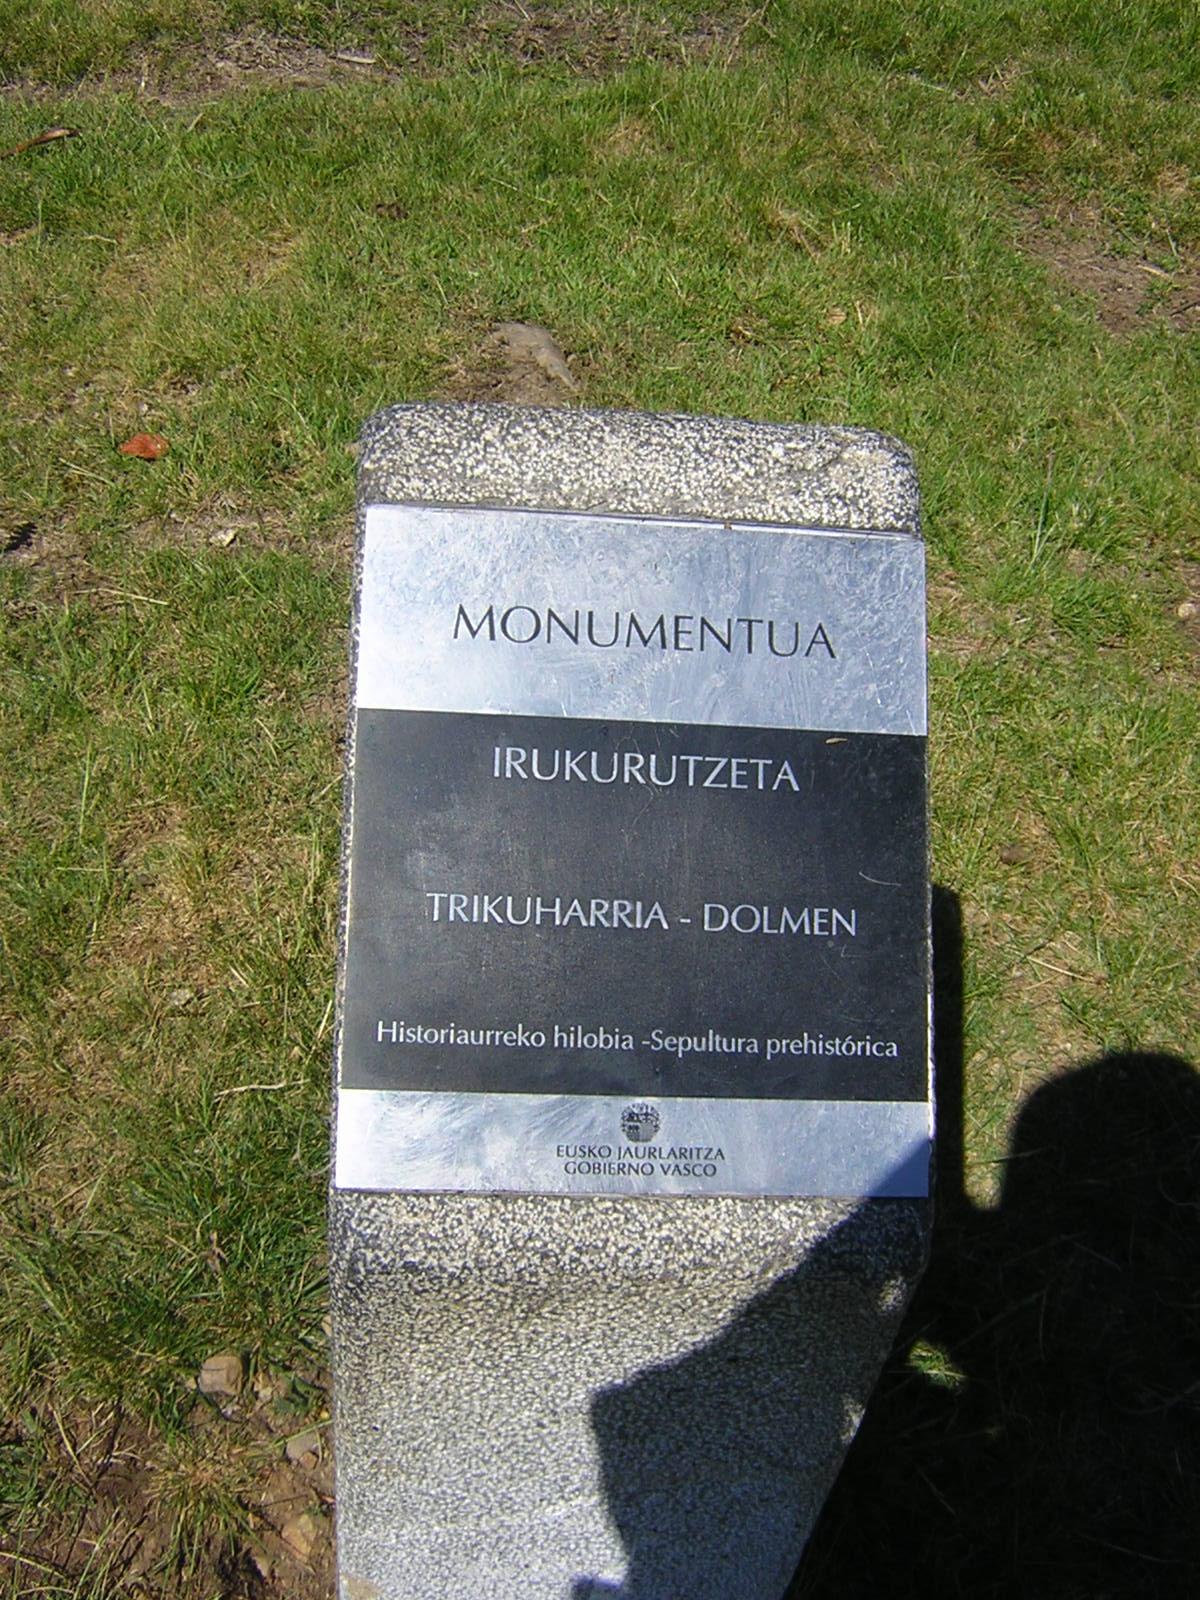 Dolmen Irukurutzeta Trikuharria